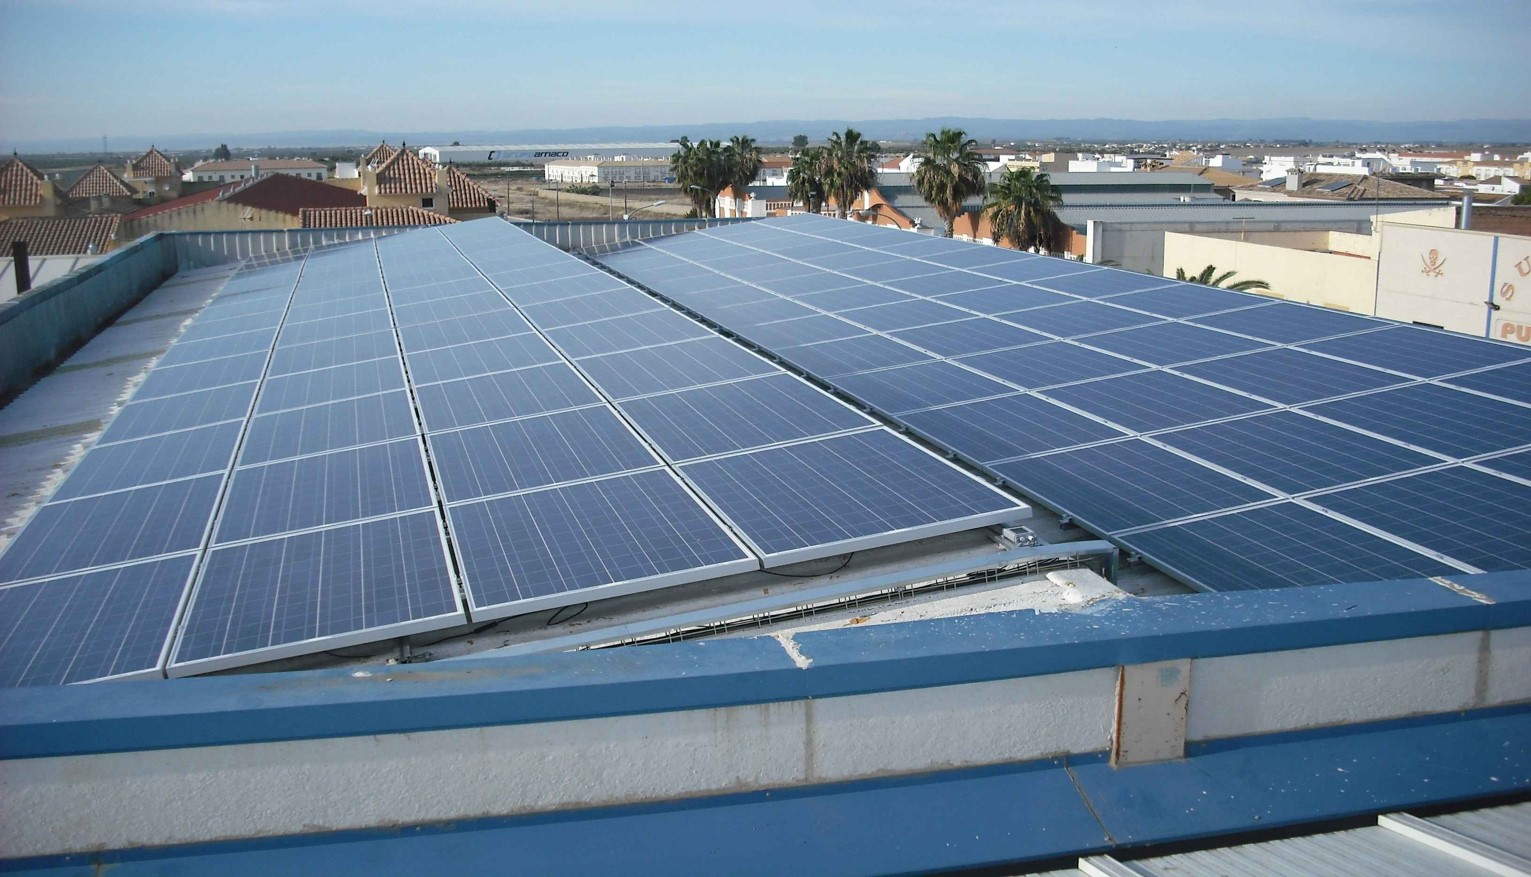 Instalación Fotovoltaica de 64,86 + 32,43 kWp para Industria (Córdoba)